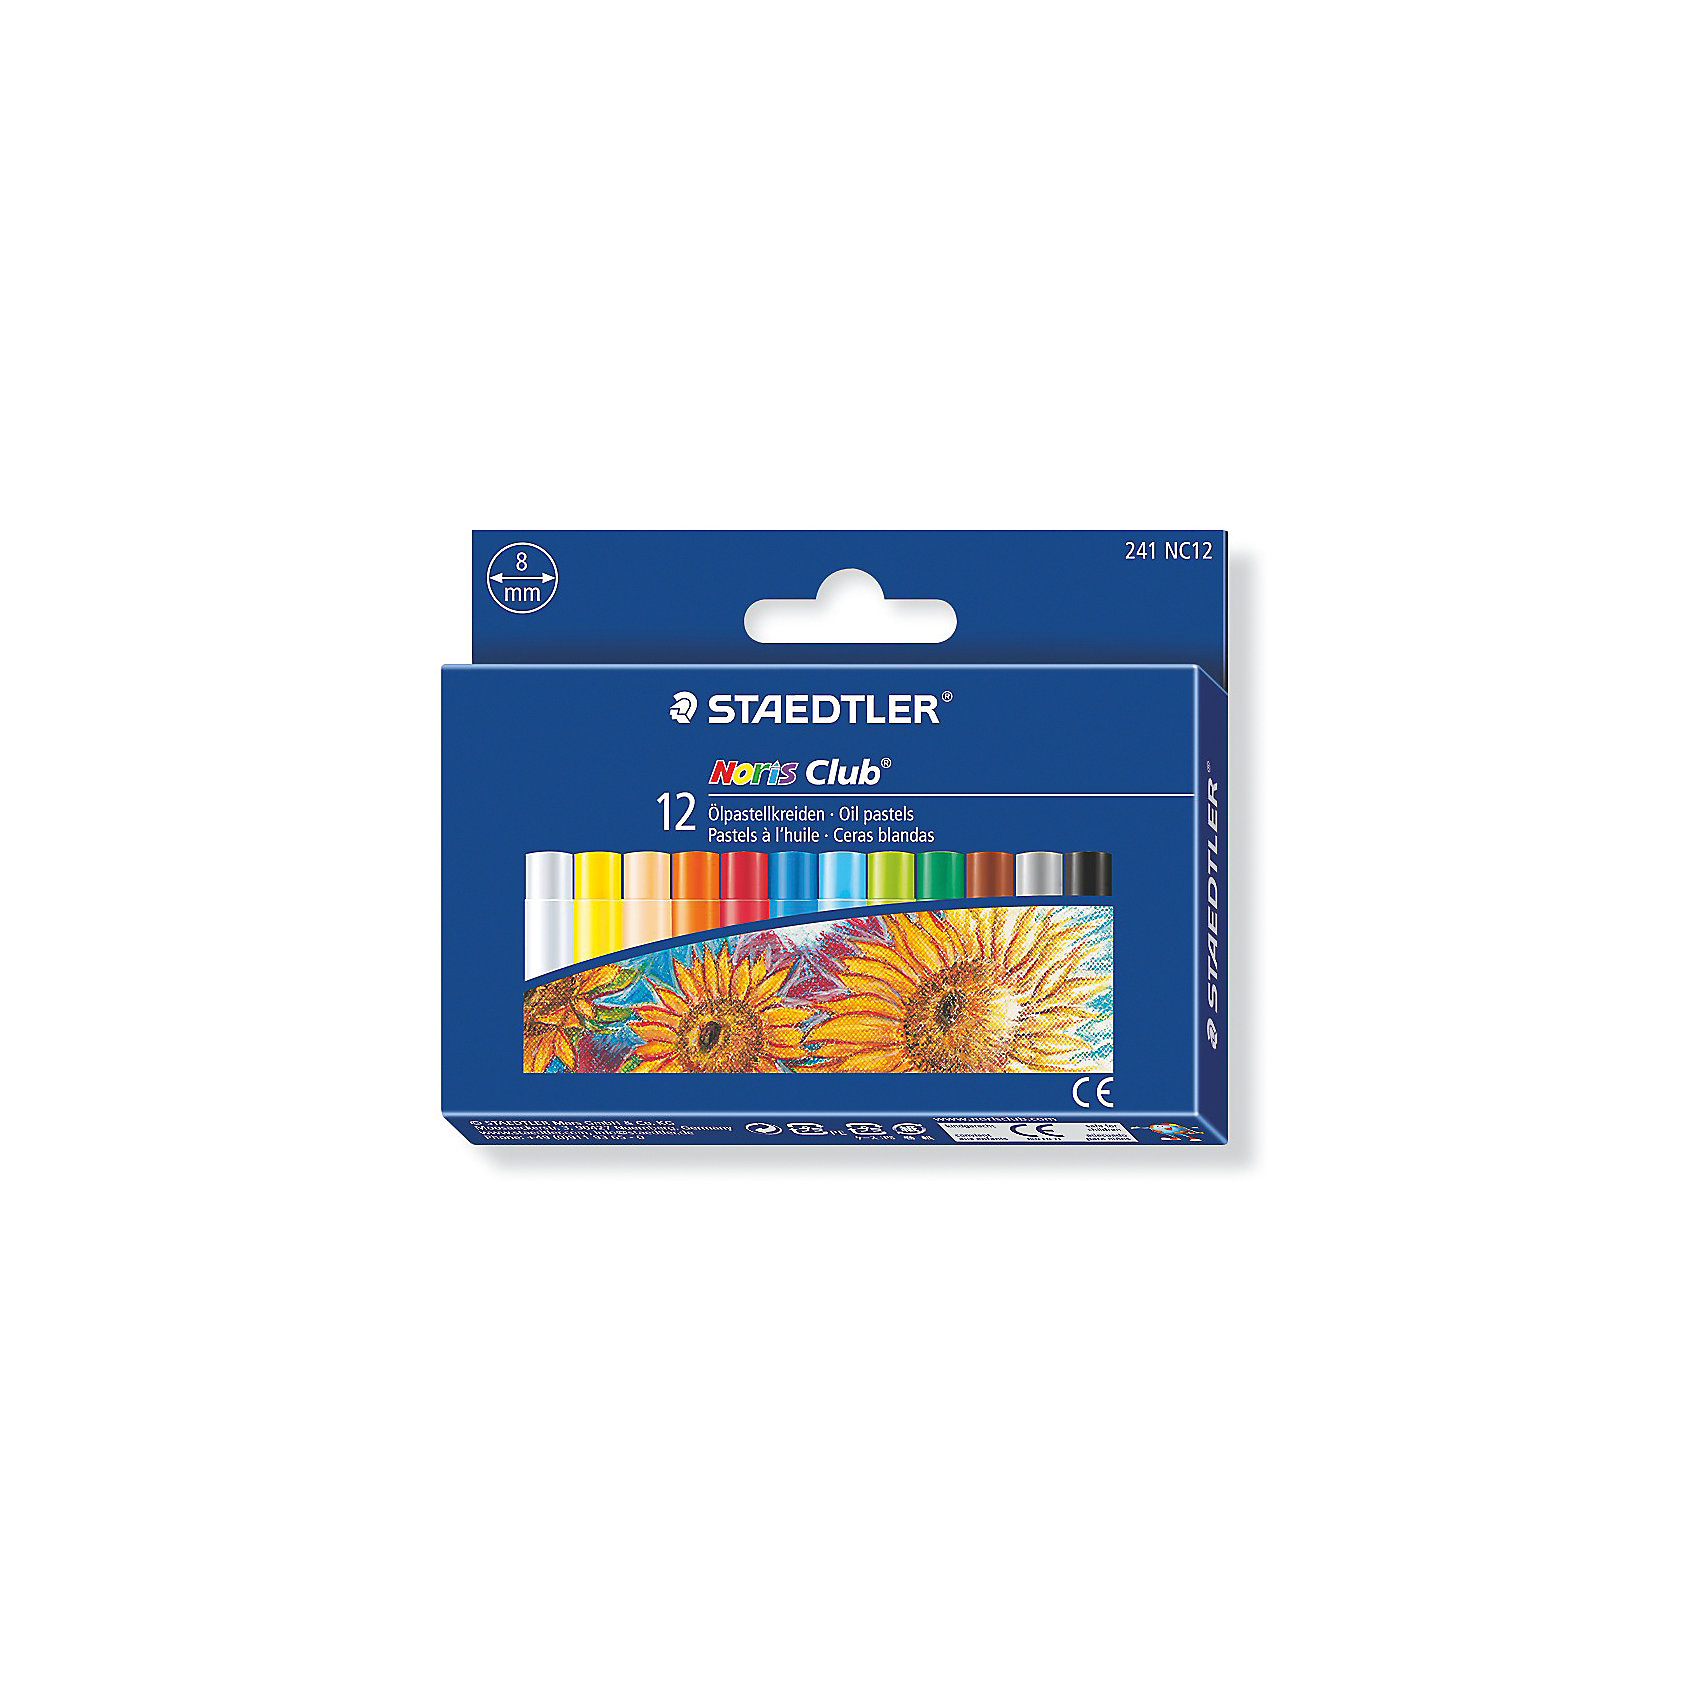 Пастель масляная Noris Club Jumbo, 12 цветовРисование<br>Пастель масляная Noris Club Jumbo, 12 цветов.<br><br>Характеристики:<br><br>• Для детей в возрасте: от 5 лет<br>• В наборе: 12 разноцветных пастельных мелков, ярких цветов<br>• Диаметр: 8 мм.<br>• Держатель: бумажная манжетка с полем для имени<br>• Упаковка: картонная коробка с европодвесом<br>• Размер упаковки: 100х126х17 мм.<br>• Вес: 82 гр.<br><br>Масляная пастель Noris Club Jumbo ярких цветов идеальна для раскрашивания больших поверхностей. Подходит для рисования, перекрытия цвета и техники процарапывания. Держится на всех гладких поверхностях (акварельная бумага, картон, дерево). Пастельные мелки ударопрочные, влагостойкие, защищены от поломок благодаря специальному составу, не содержат вредных примесей, соответствуют европейским стандартам качества.<br><br>Пастель масляную Noris Club Jumbo, 12 цветов можно купить в нашем интернет-магазине.<br><br>Ширина мм: 130<br>Глубина мм: 100<br>Высота мм: 170<br>Вес г: 85<br>Возраст от месяцев: 60<br>Возраст до месяцев: 2147483647<br>Пол: Унисекс<br>Возраст: Детский<br>SKU: 5530007